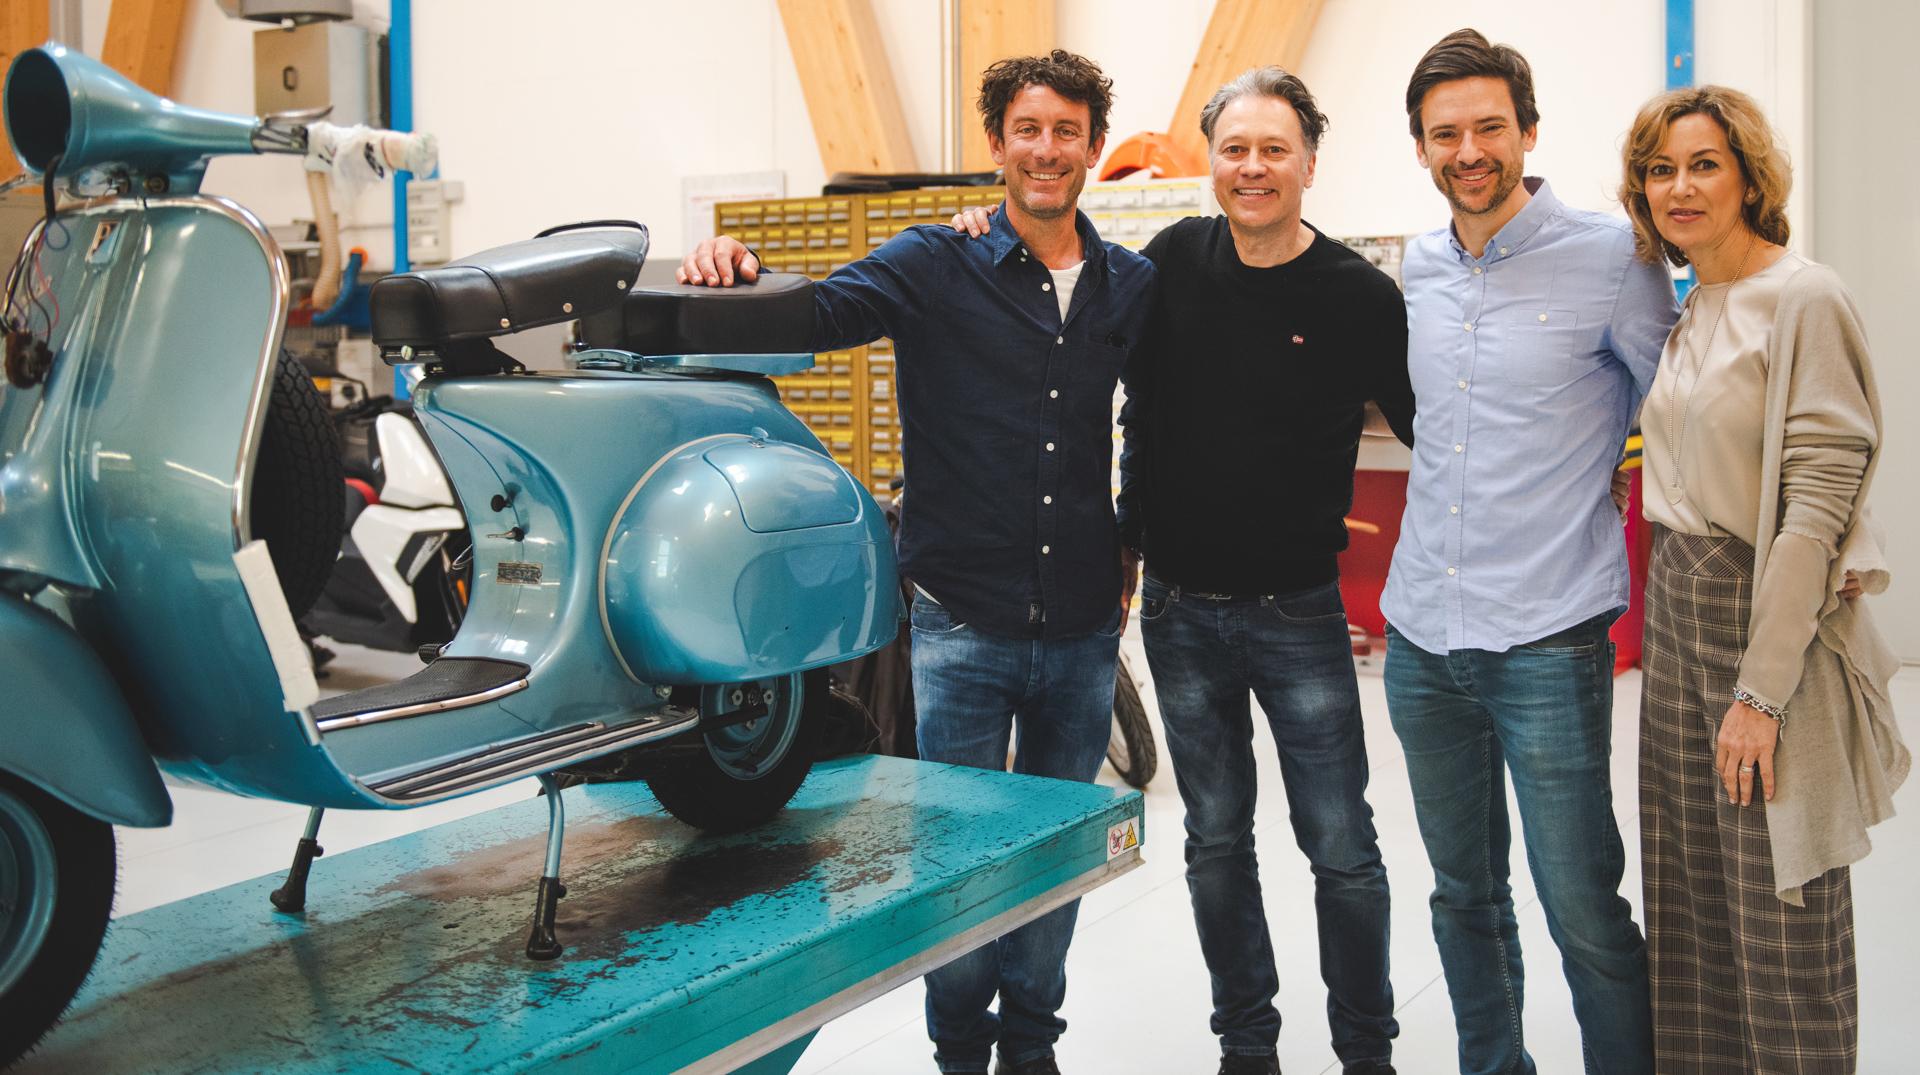 Geschäftspartner und Freunde: (von li. n. re.) Ralf, Andrea Malossi (Chef Entwicklung), Alex und Alessandra Malossi (Leitung Marketing & Vertrieb).